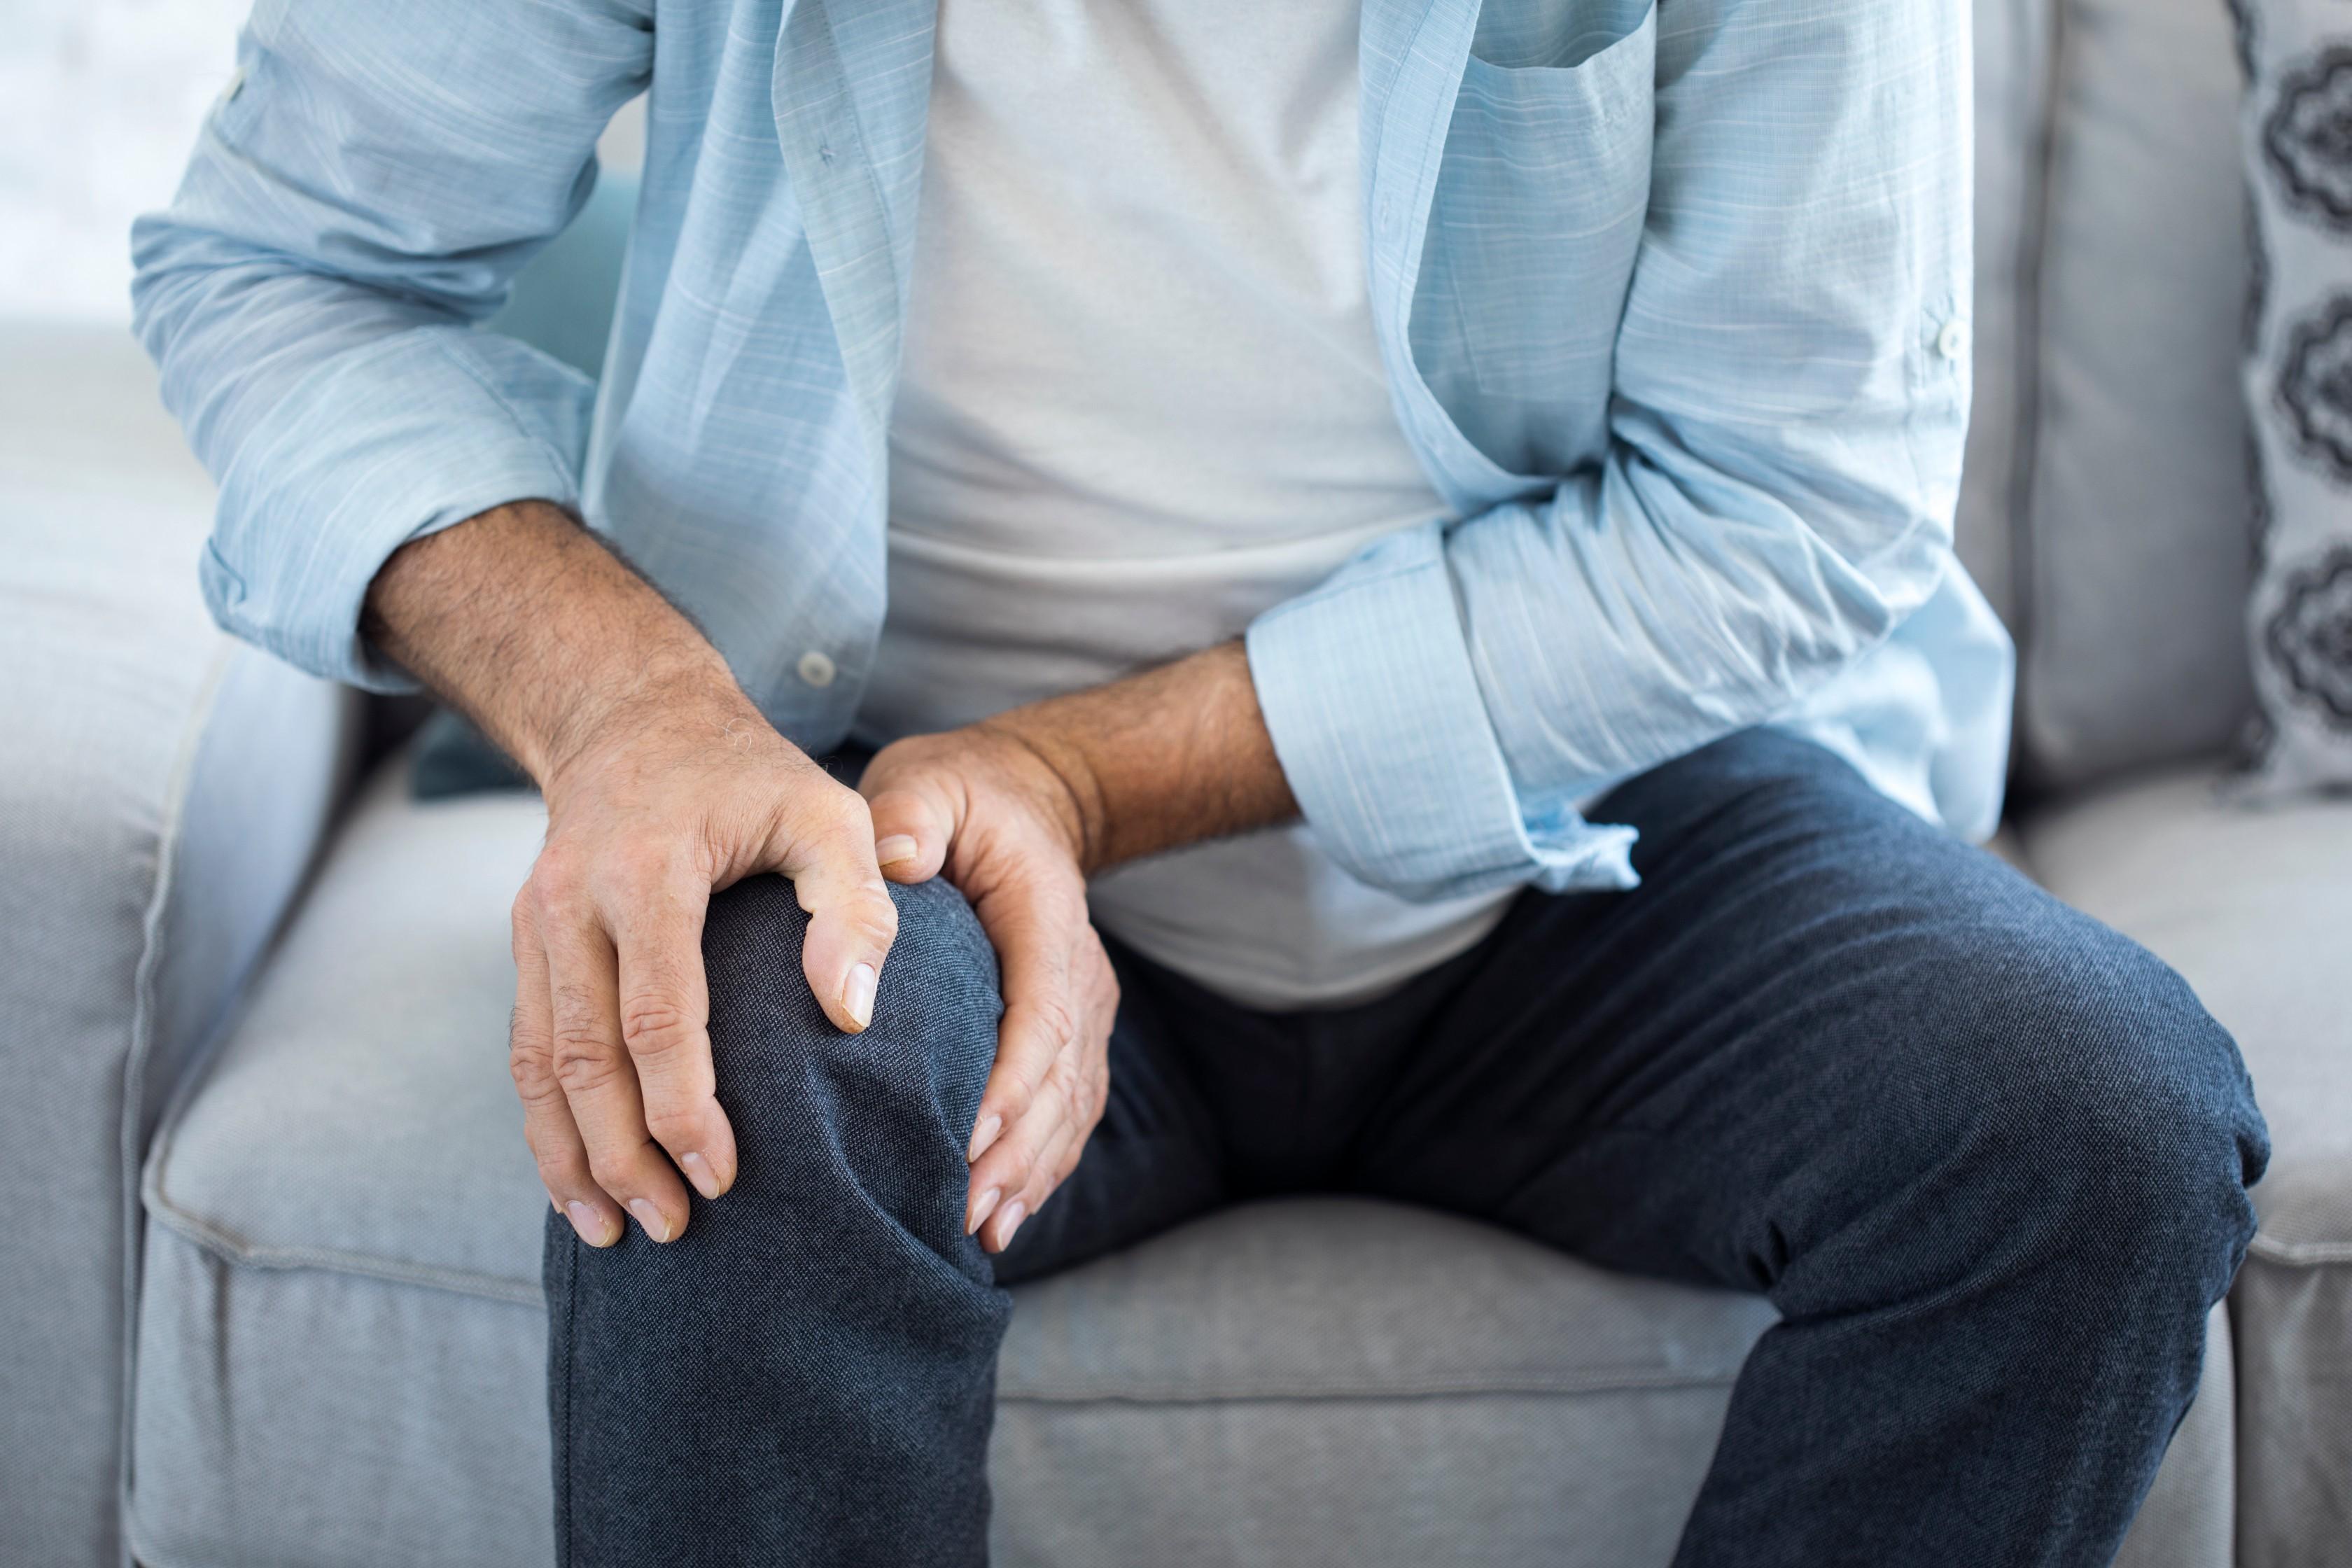 ahol kezelni kell az ízületi sérüléseket)